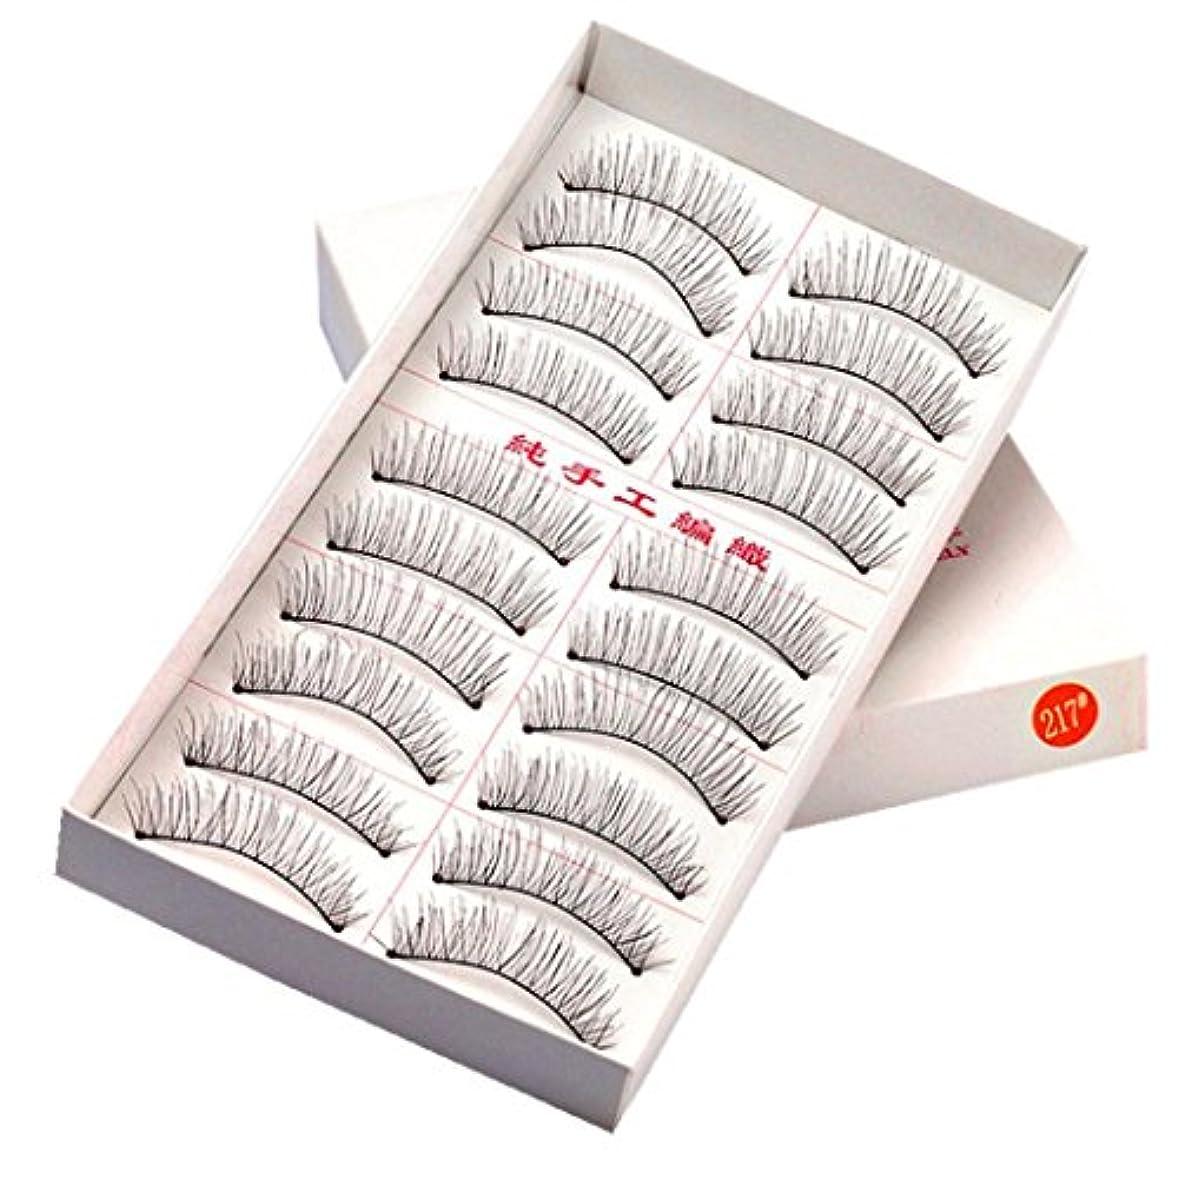 逆さまにチャンス根拠Feteso 10ペアセット つけまつげ 上まつげ Eyelashes アイラッシュ ビューティー まつげエクステ レディース 化粧ツール アイメイクアップ 人気 ナチュラル 飾り ふんわり 装着簡単 綺麗 変身